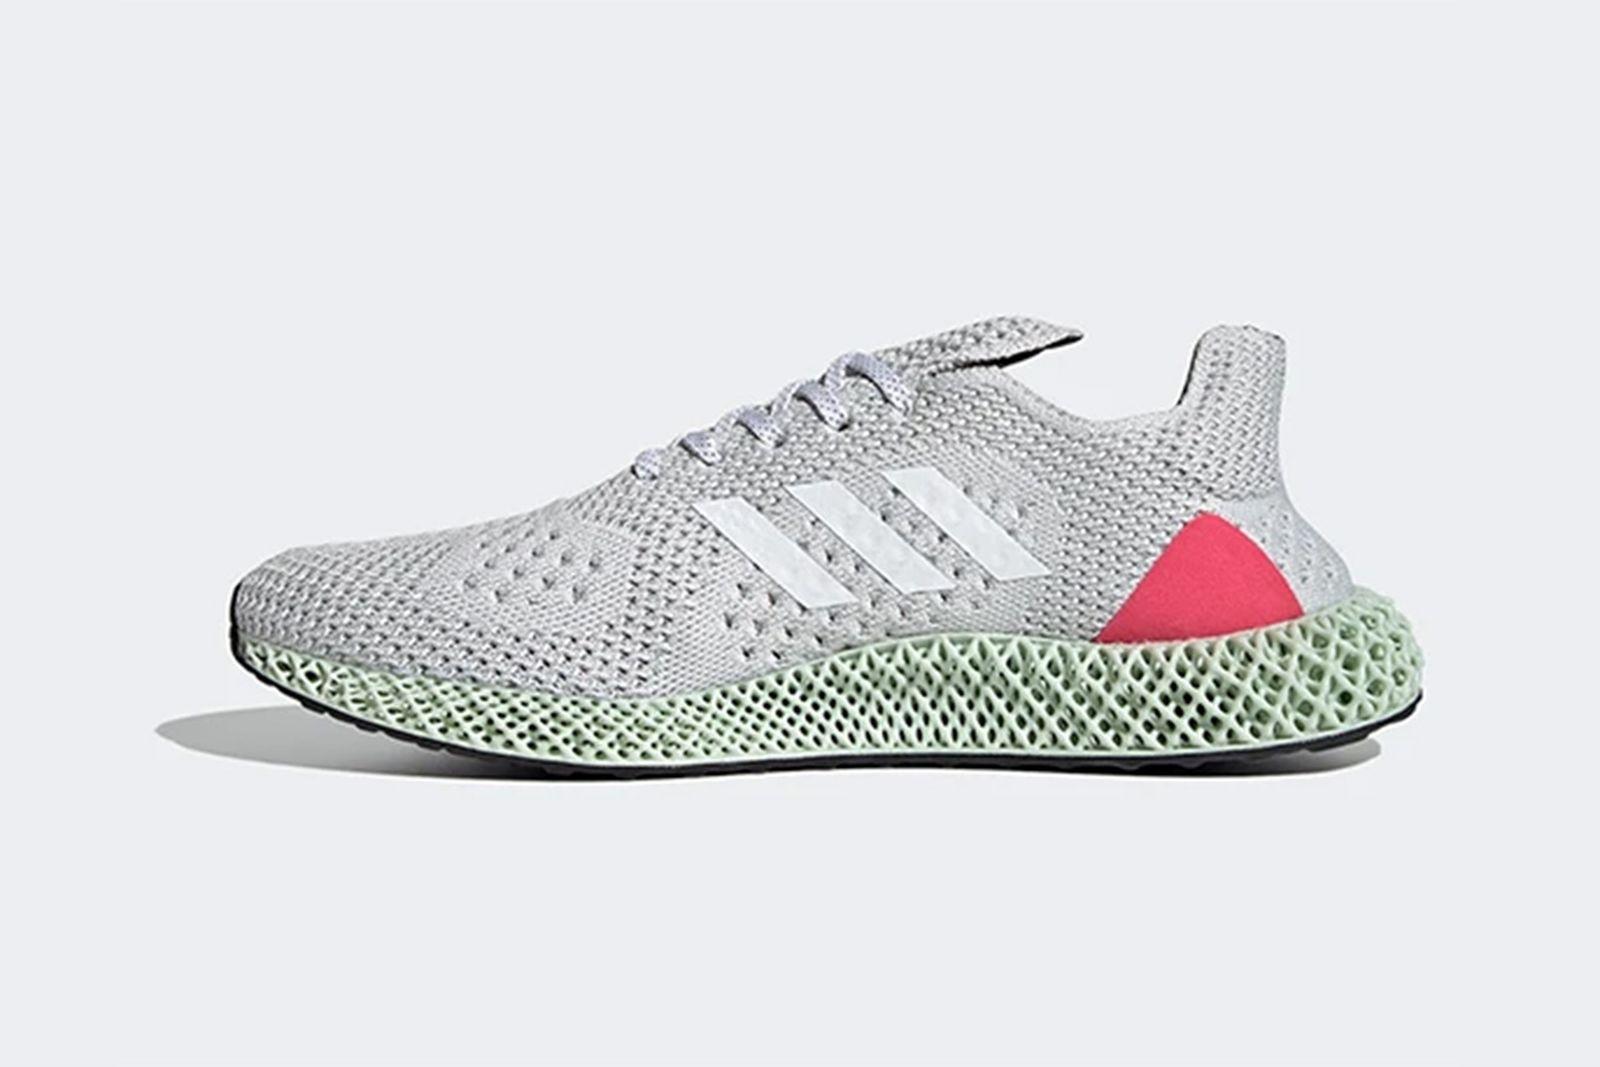 adidas-4d-runner-aec-release-date-price-04